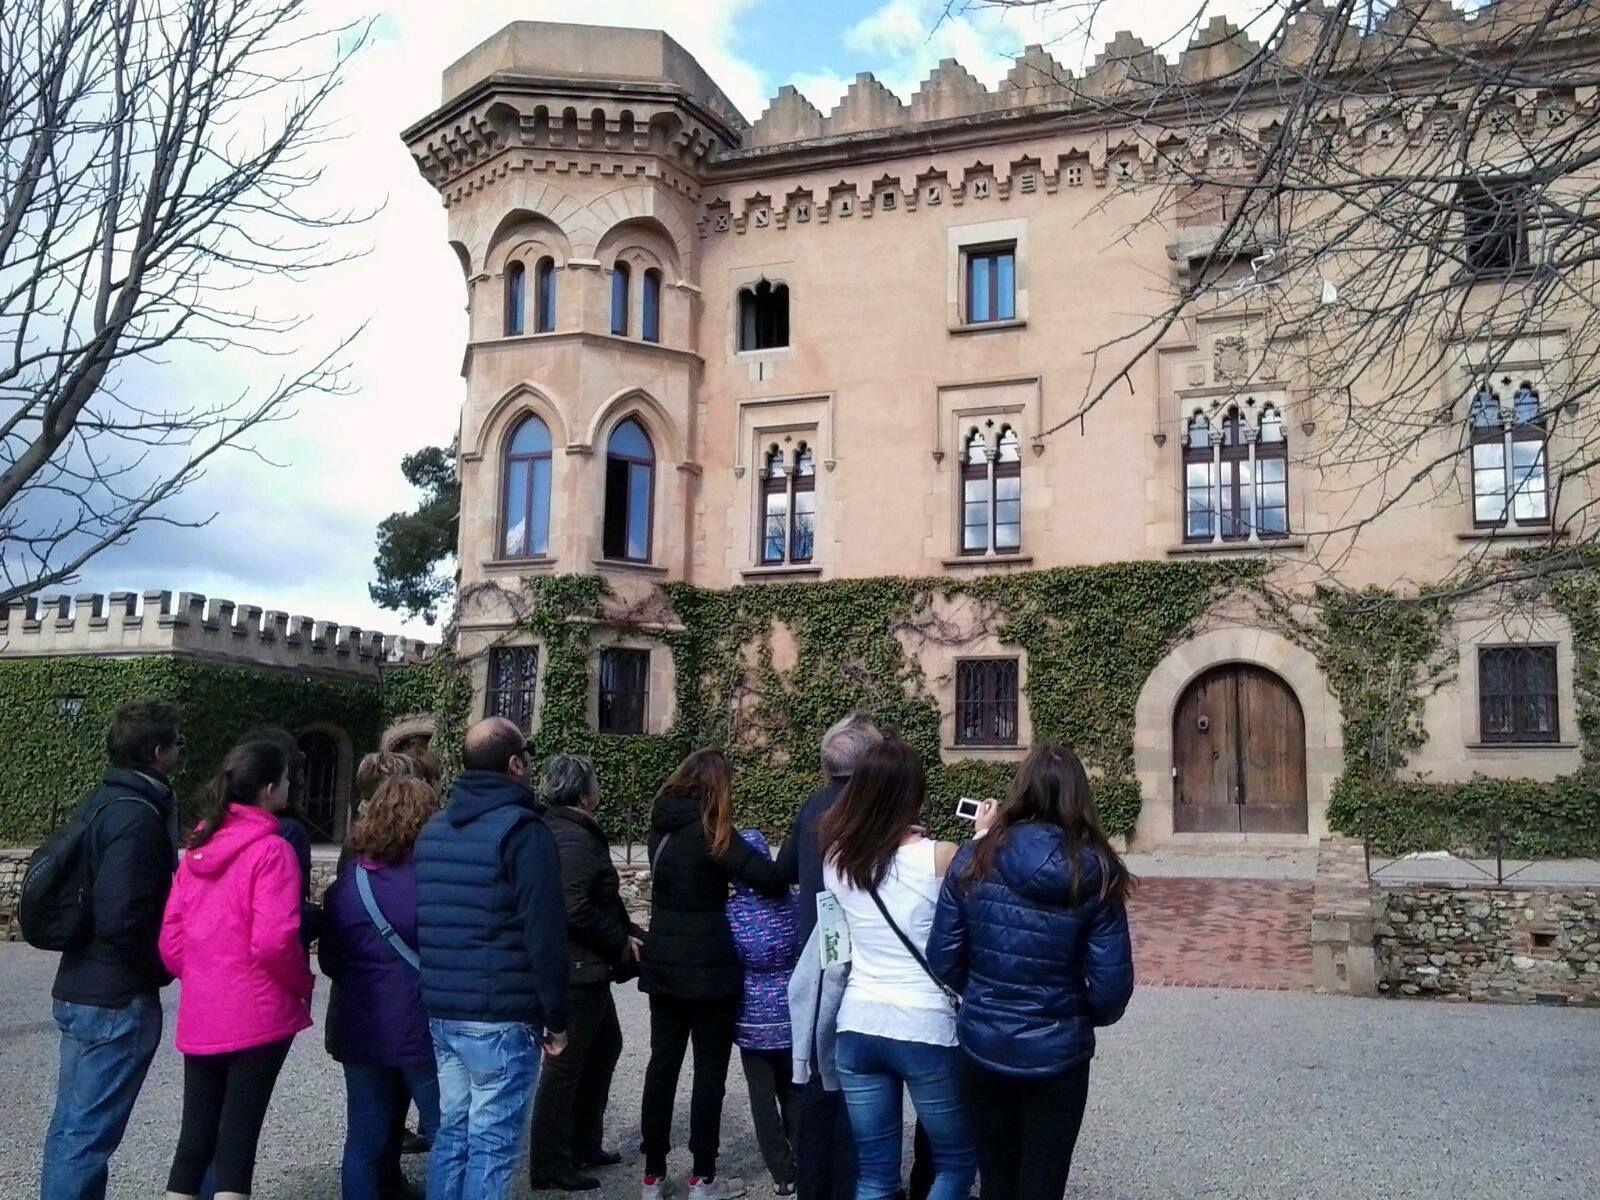 Visita al Castell de Sant Marçal. Foto d'arxiu.